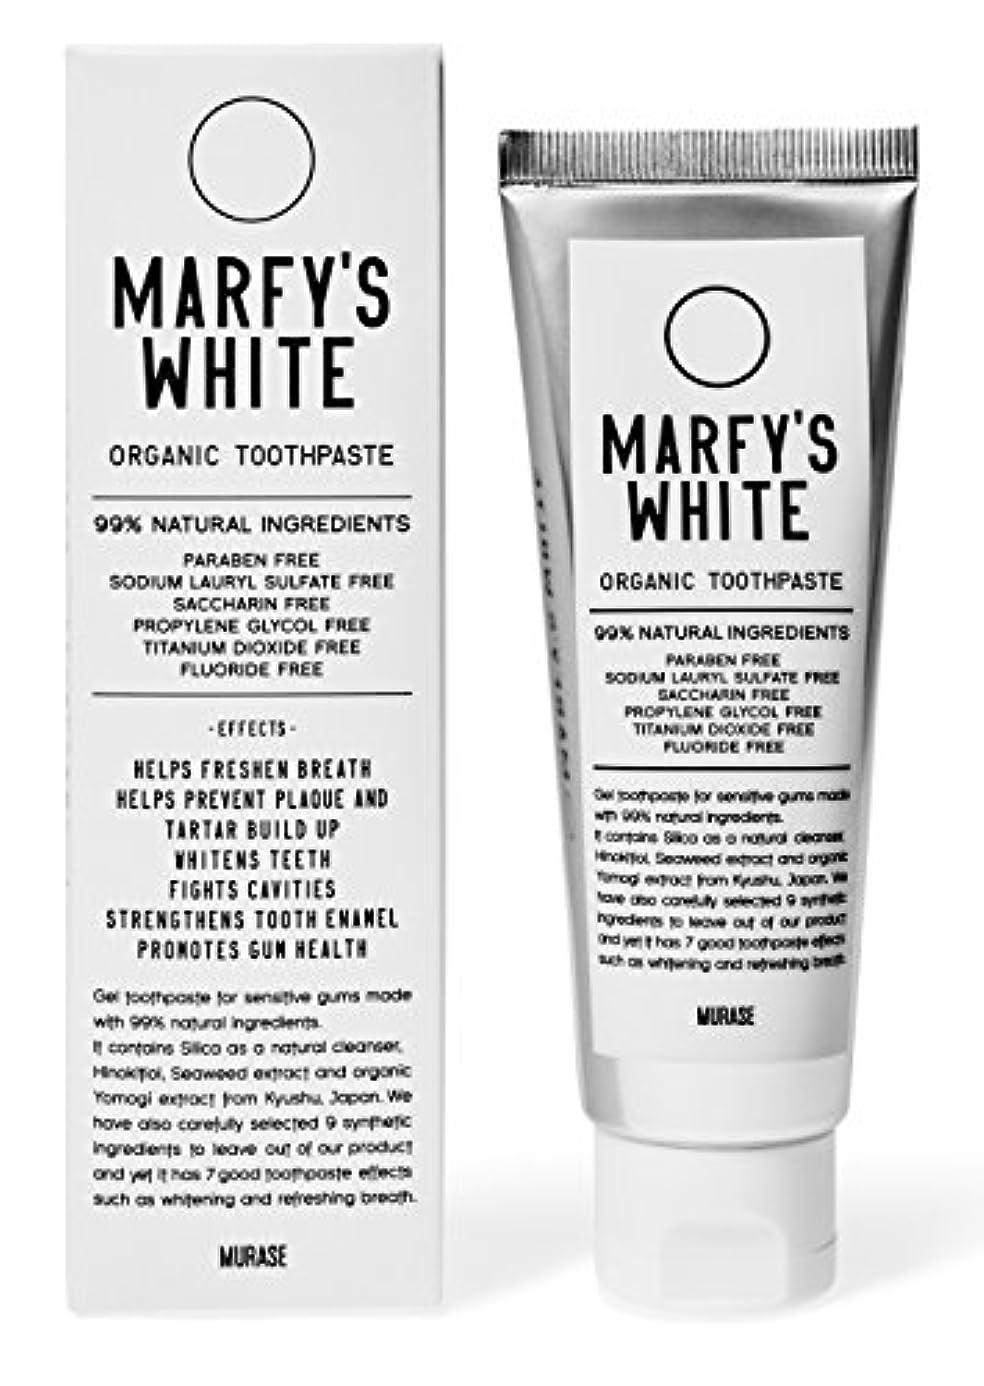 インゲン結婚するラメMARFY'S WHITE(マーフィーズ ホワイト)歯磨き粉 オーガニック 90g 日本製